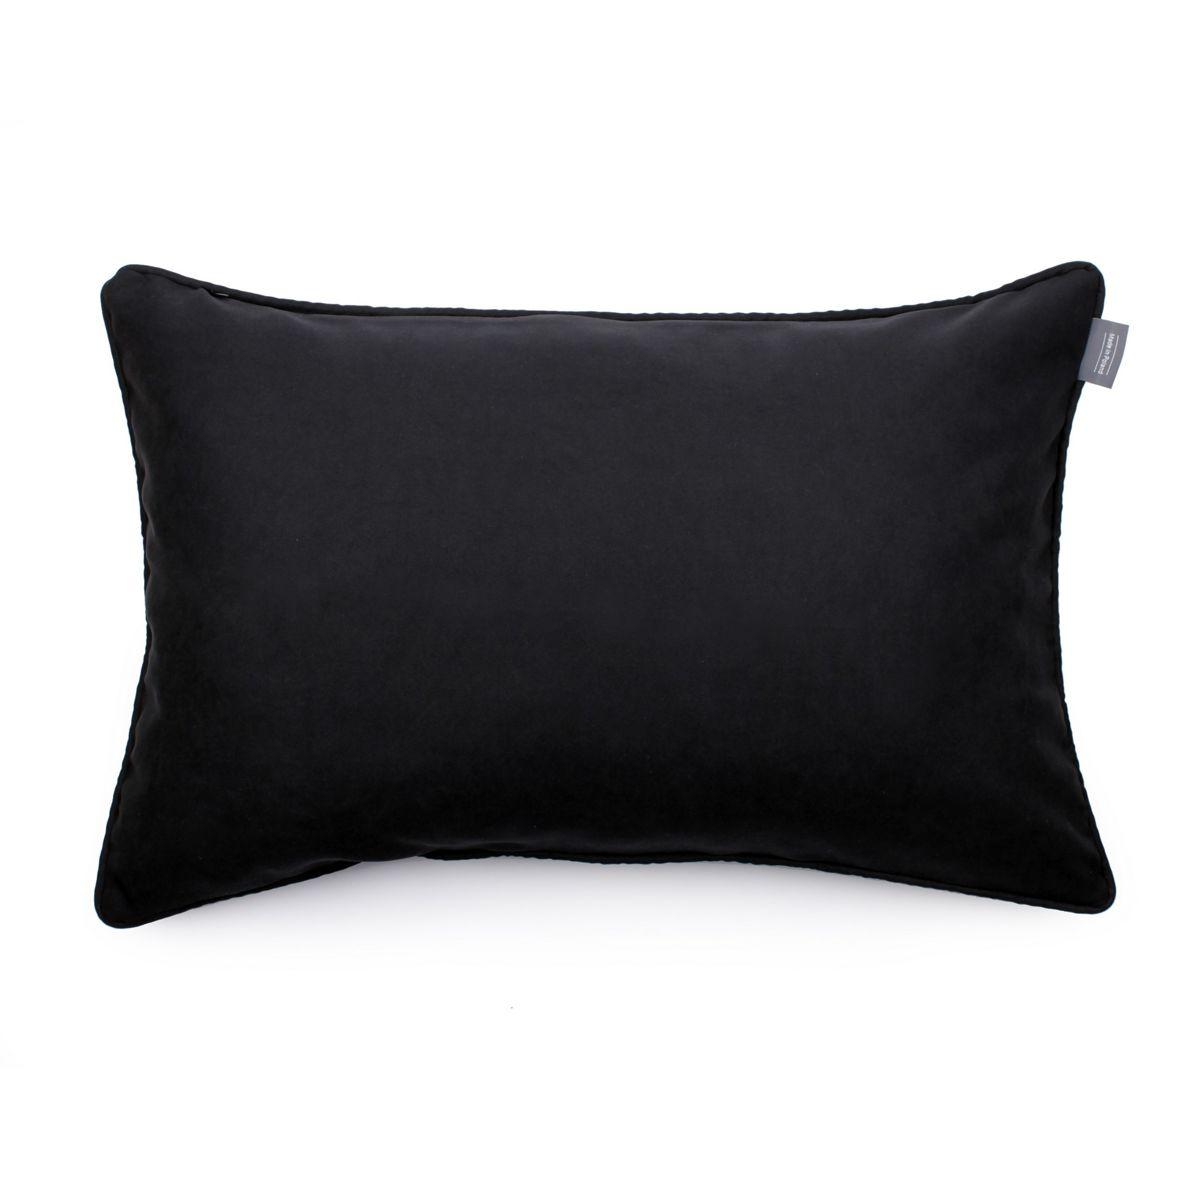 Poduszka Dekoracyjna Z Wkładem Zig Zag Black White 60 X 60 Cm We Love Beds